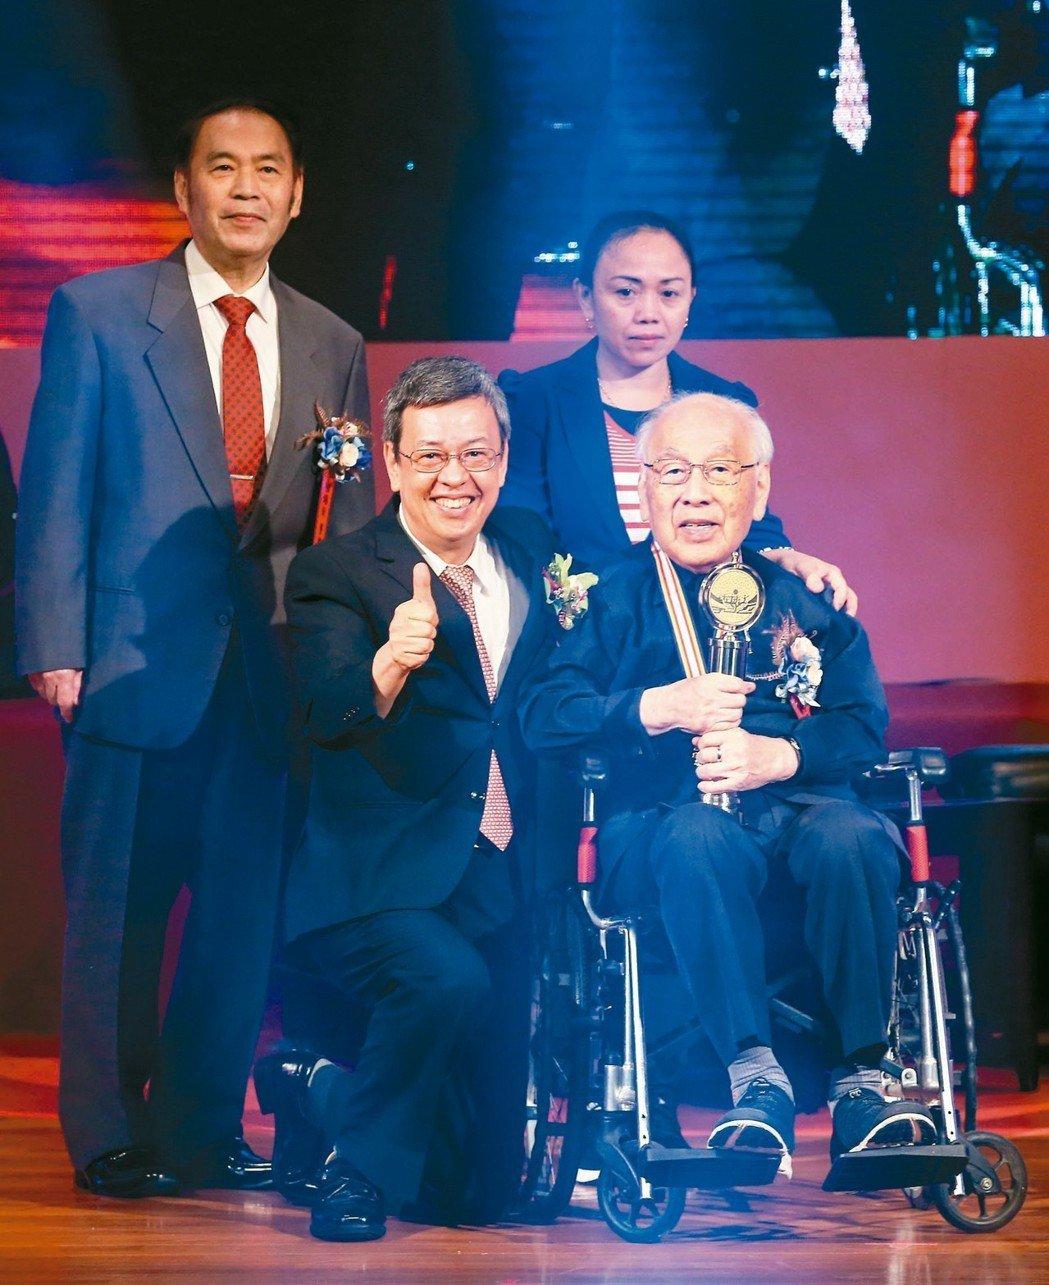 高齡99歲的得獎者台大教授楊思標(前右)也在家人陪同下來到現場領獎,副總統陳建仁...